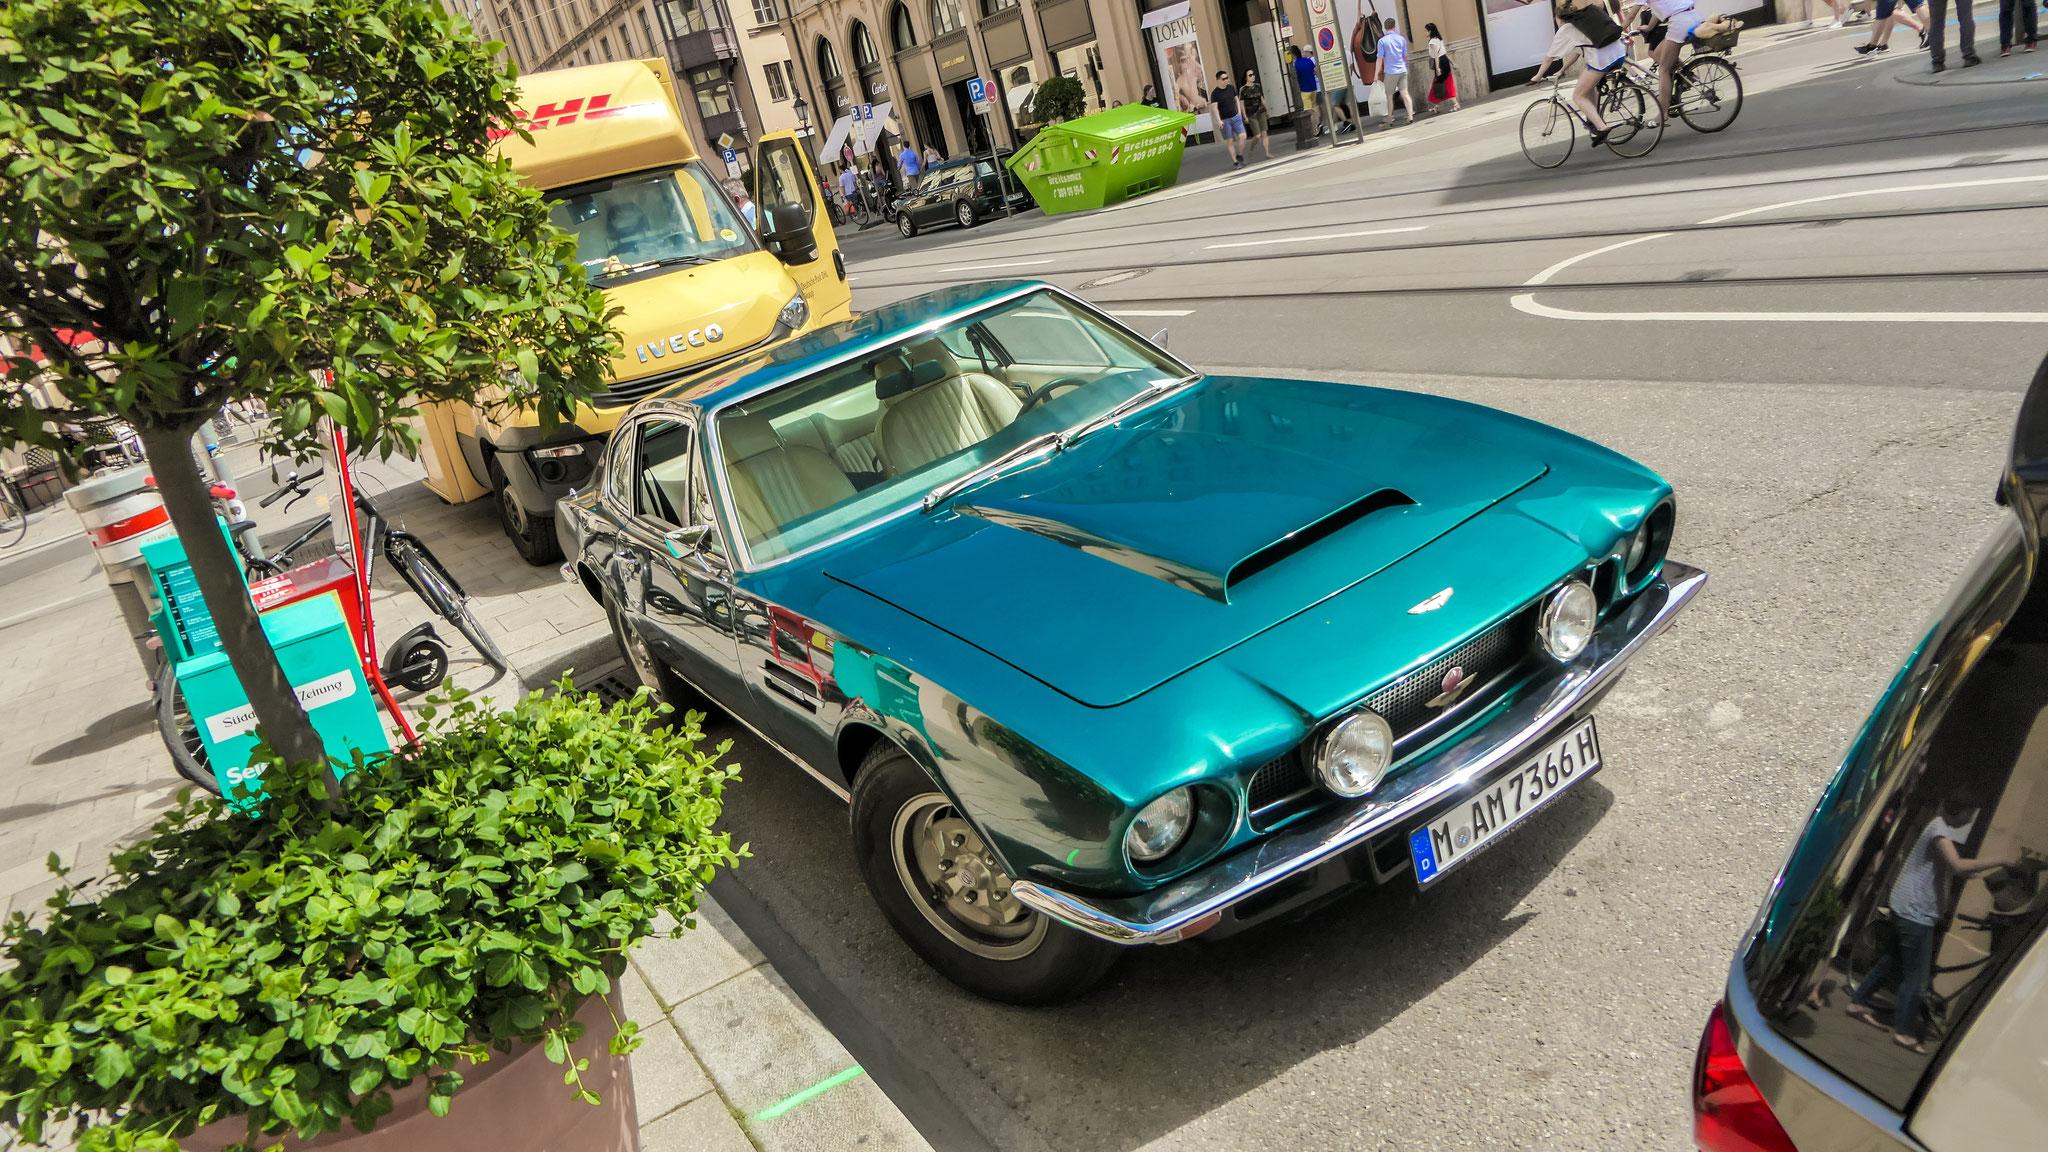 Aston Martin V8 Vantage - M-AM-7366H